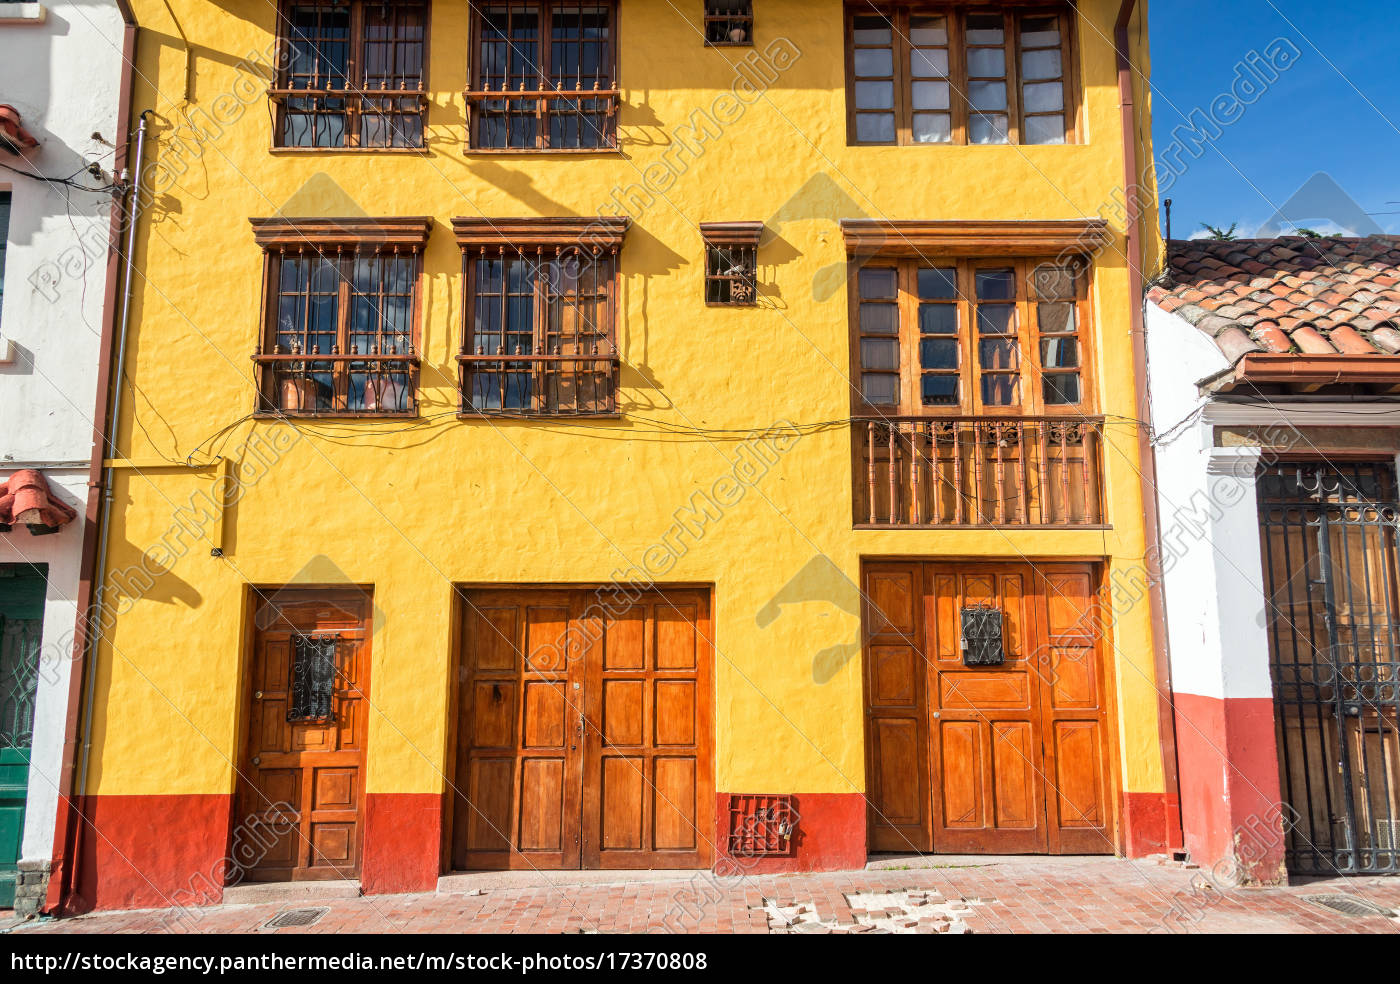 Gut gemocht gelbe und rote fassade - Lizenzfreies Foto - #17370808 QK22